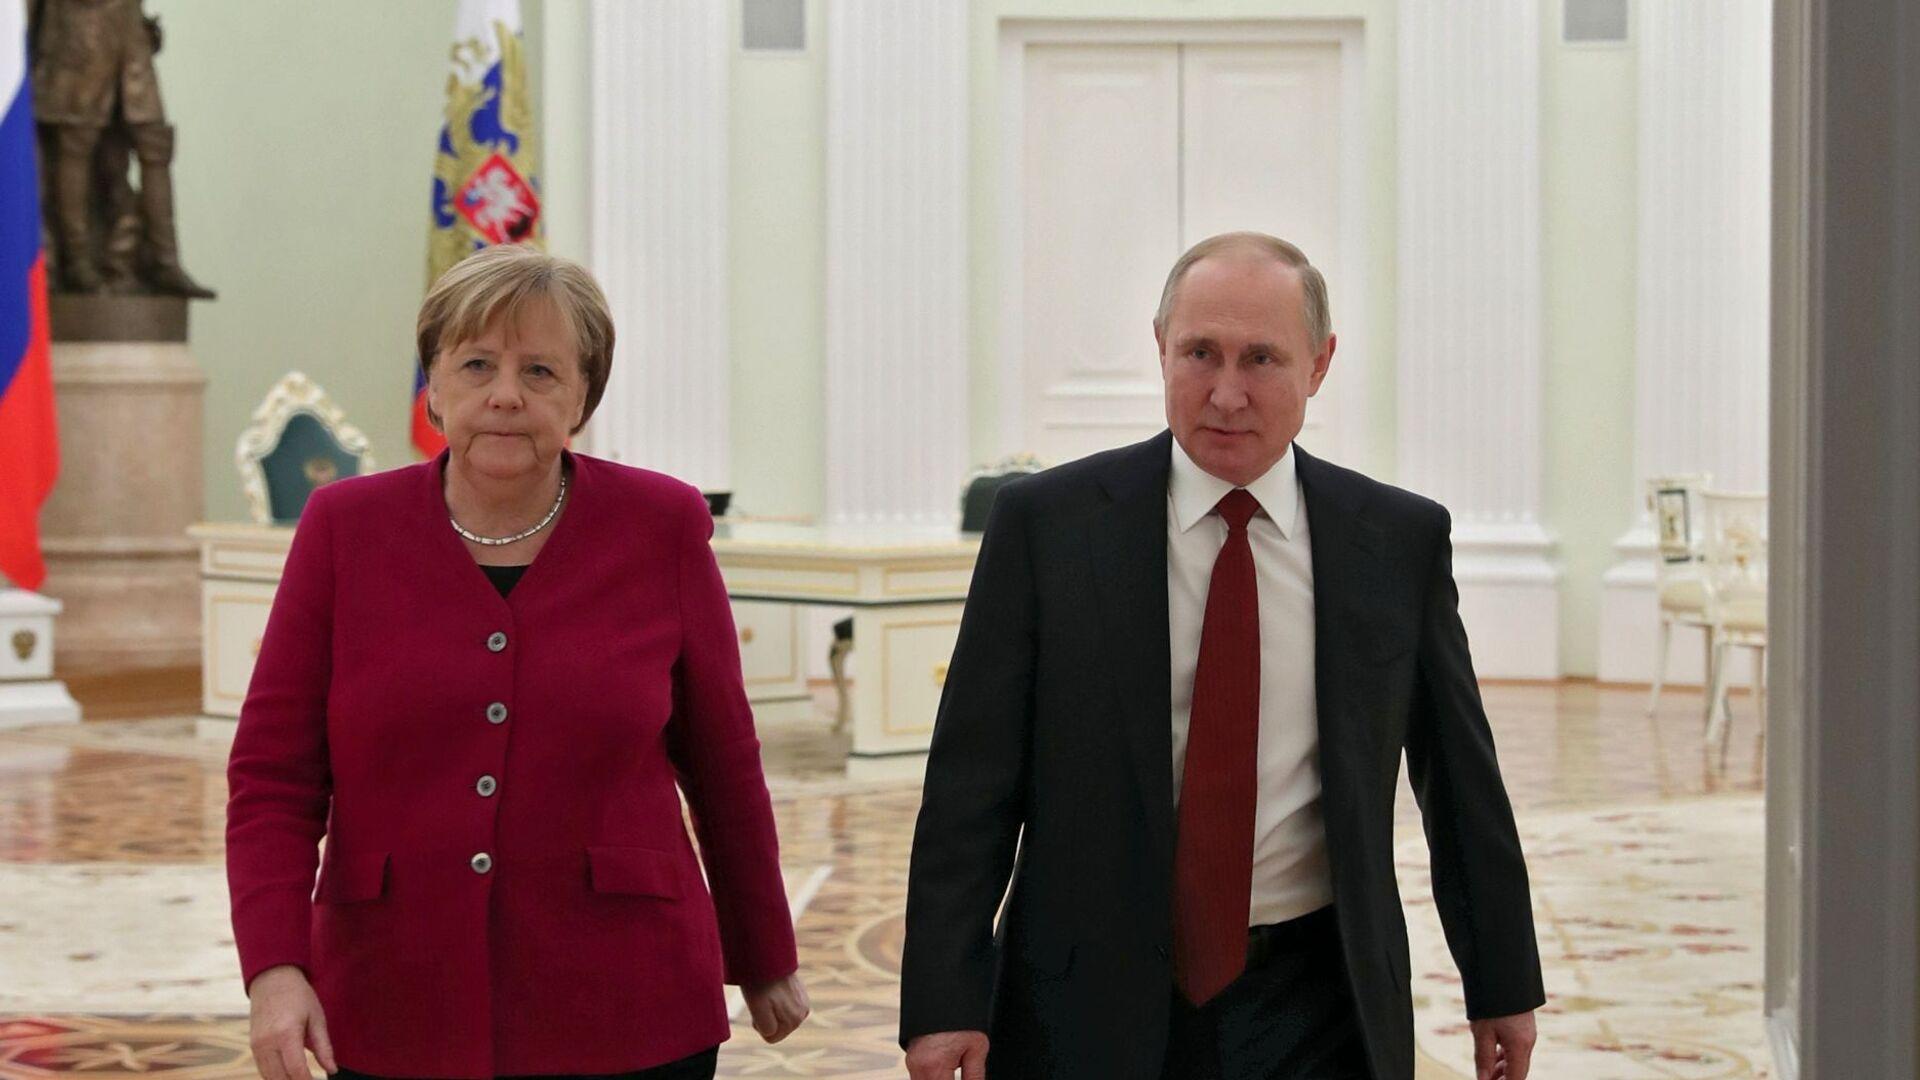 Руски председник Владимир Путин и немачка канцеларка Ангела Меркел - Sputnik Србија, 1920, 20.08.2021